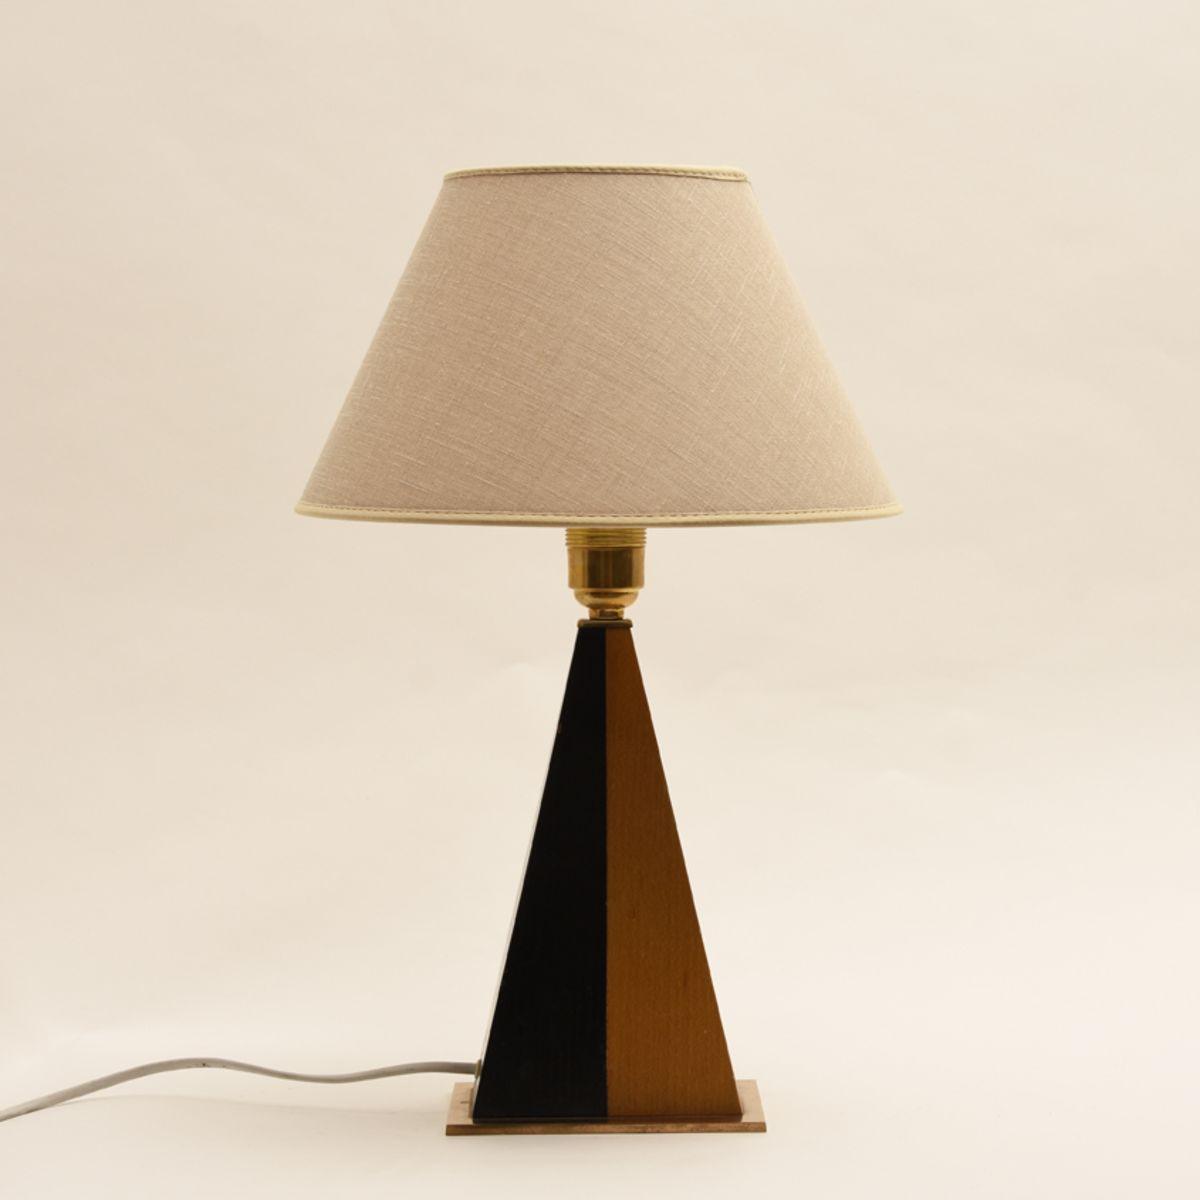 Lindeman-Maria_Idman-Table-lamp